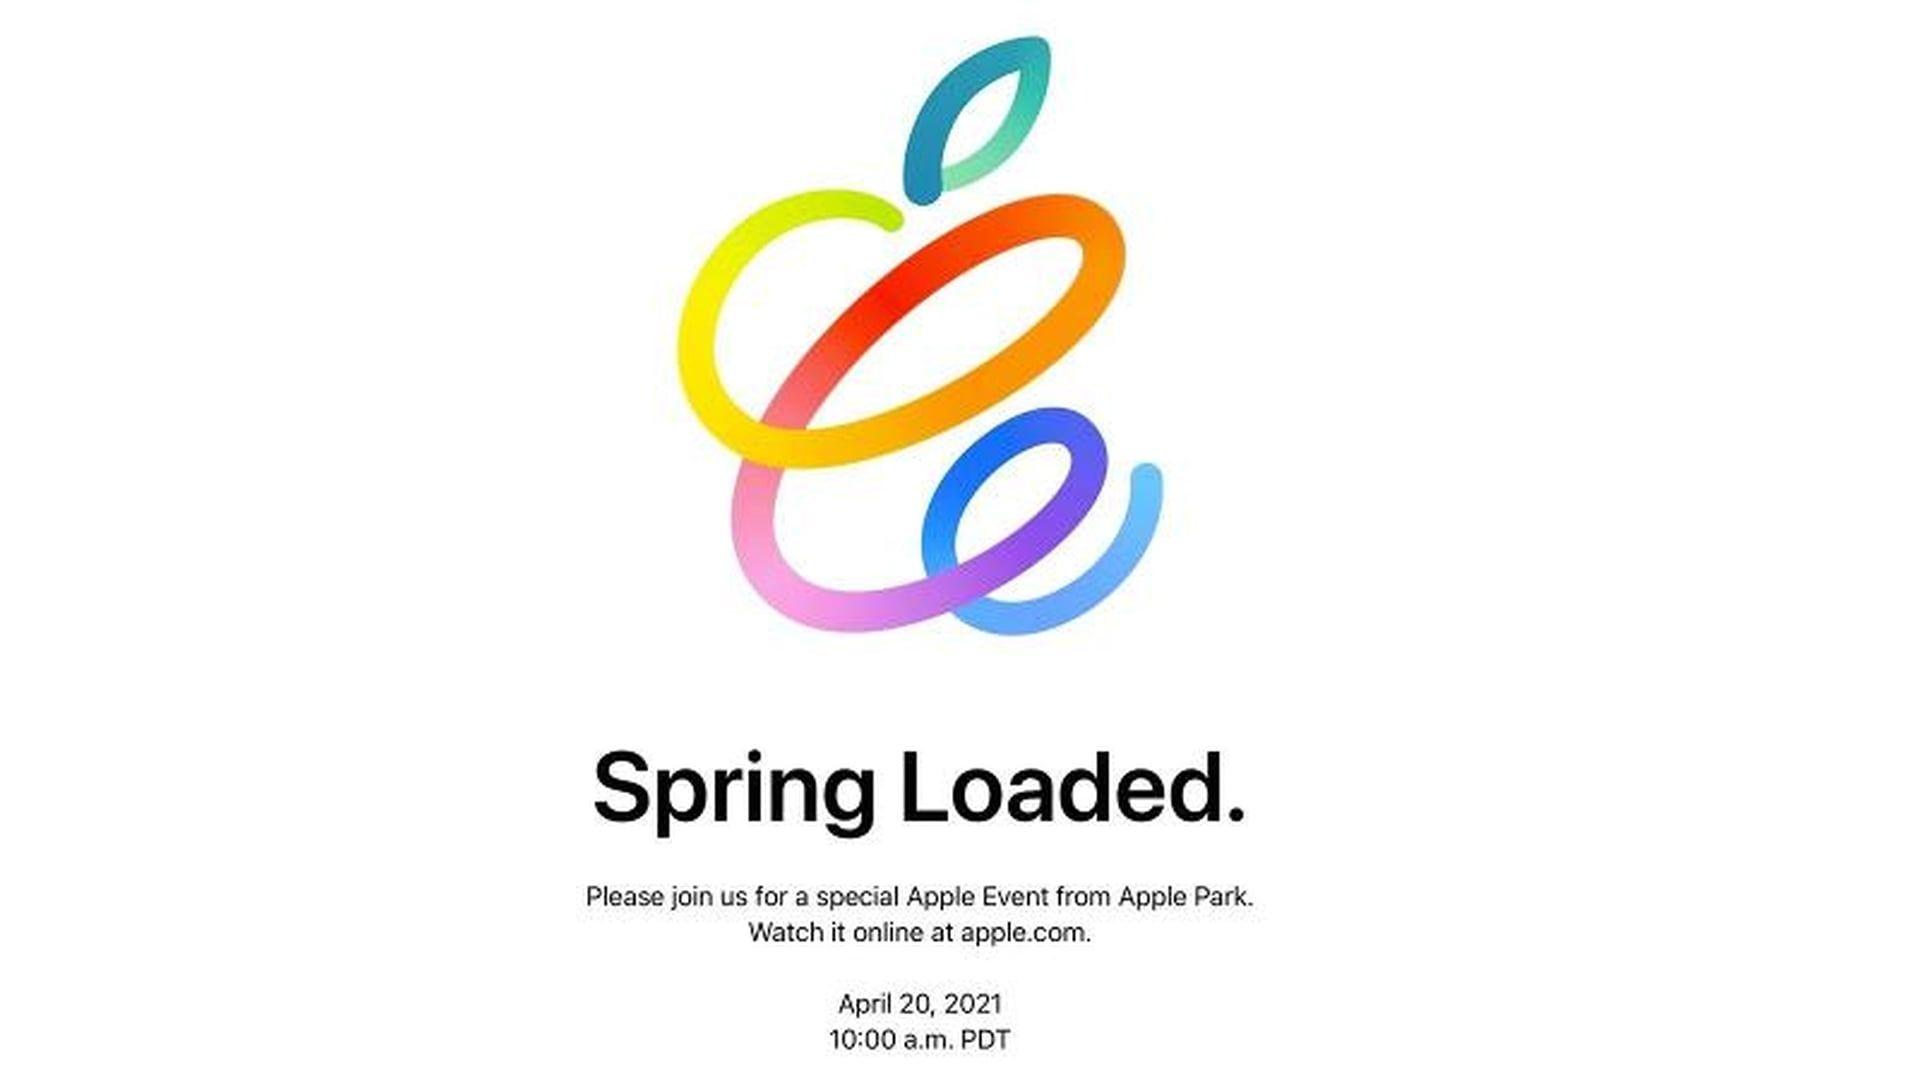 Prezentacja nowych produktów od firmy Apple 20 kwietnia